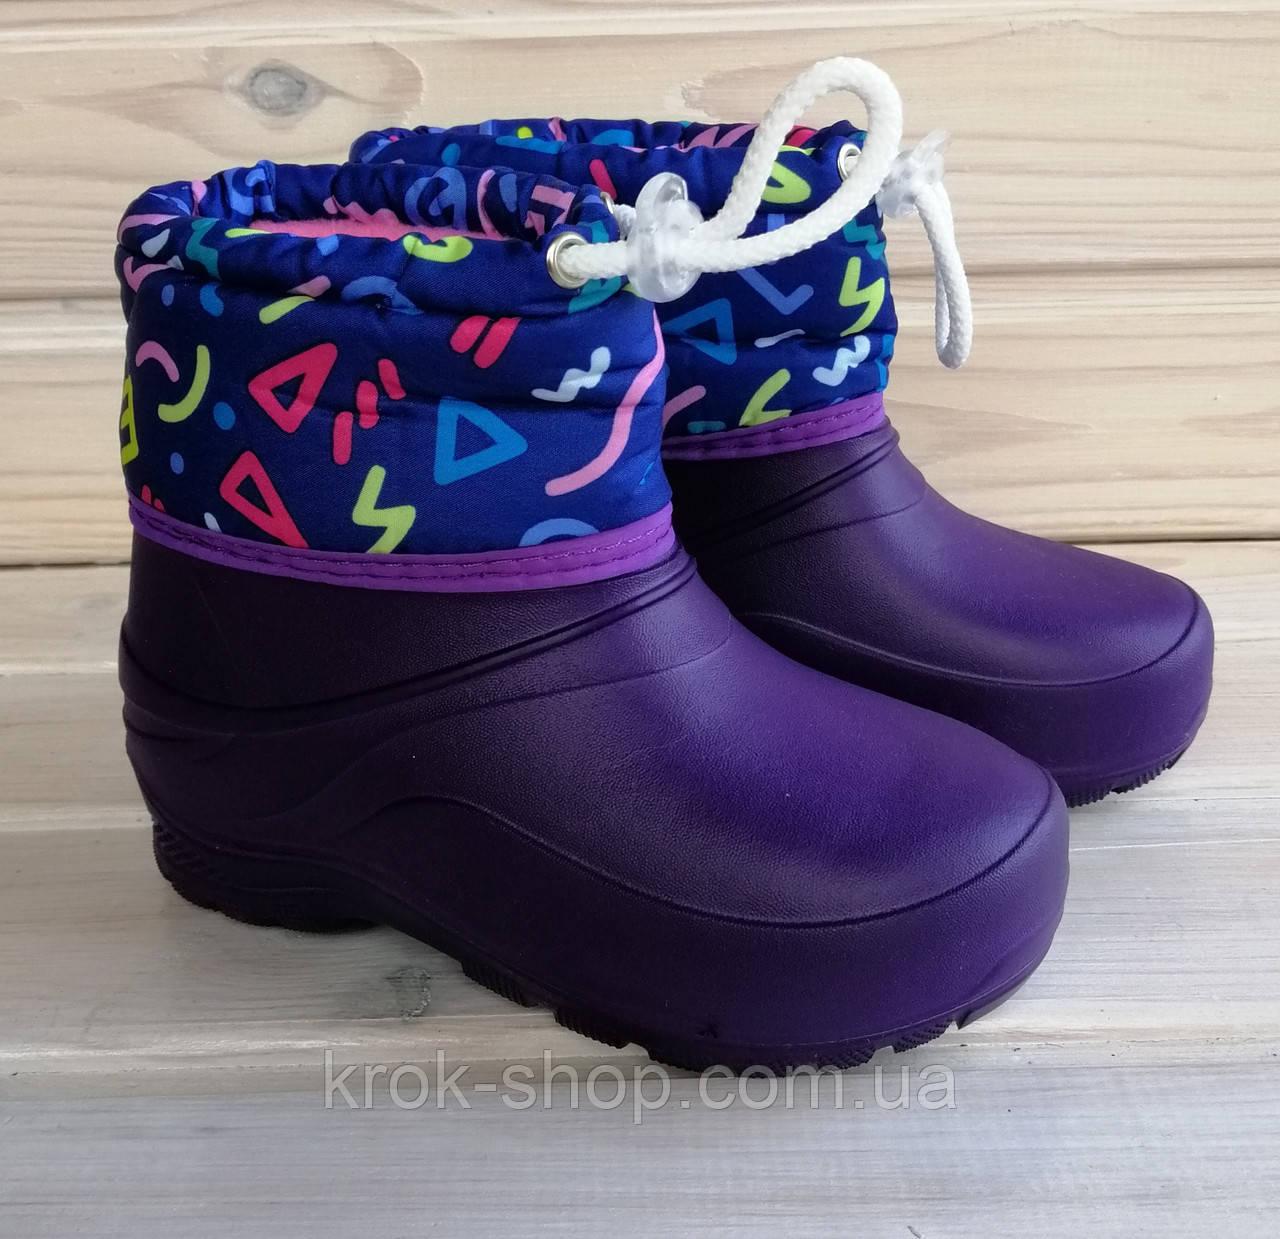 Дитячі становить пінкові чоботи на флісі (24-31) Гіпаніс оптом